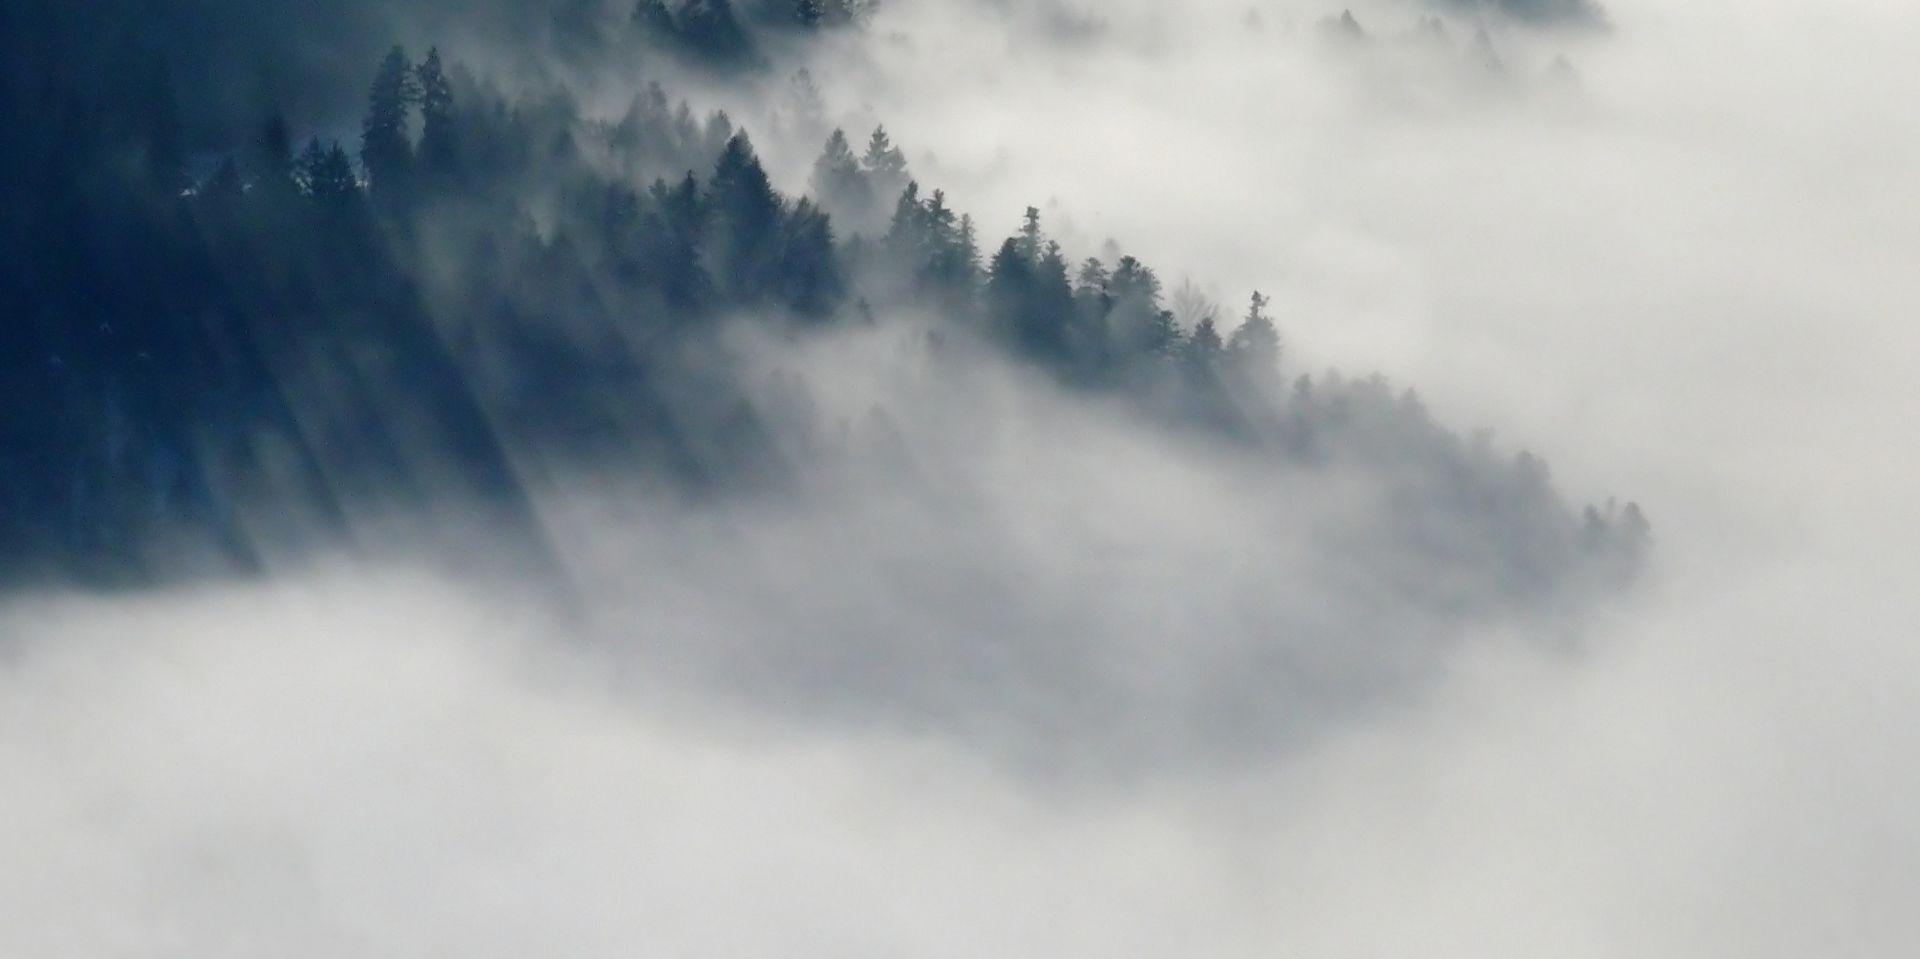 SUTRA JAČE NAOBLAČENJE UZ KIŠU I SNIJEG Danas sunčano na Jadranu, promjenjivo u unutrašnjosti